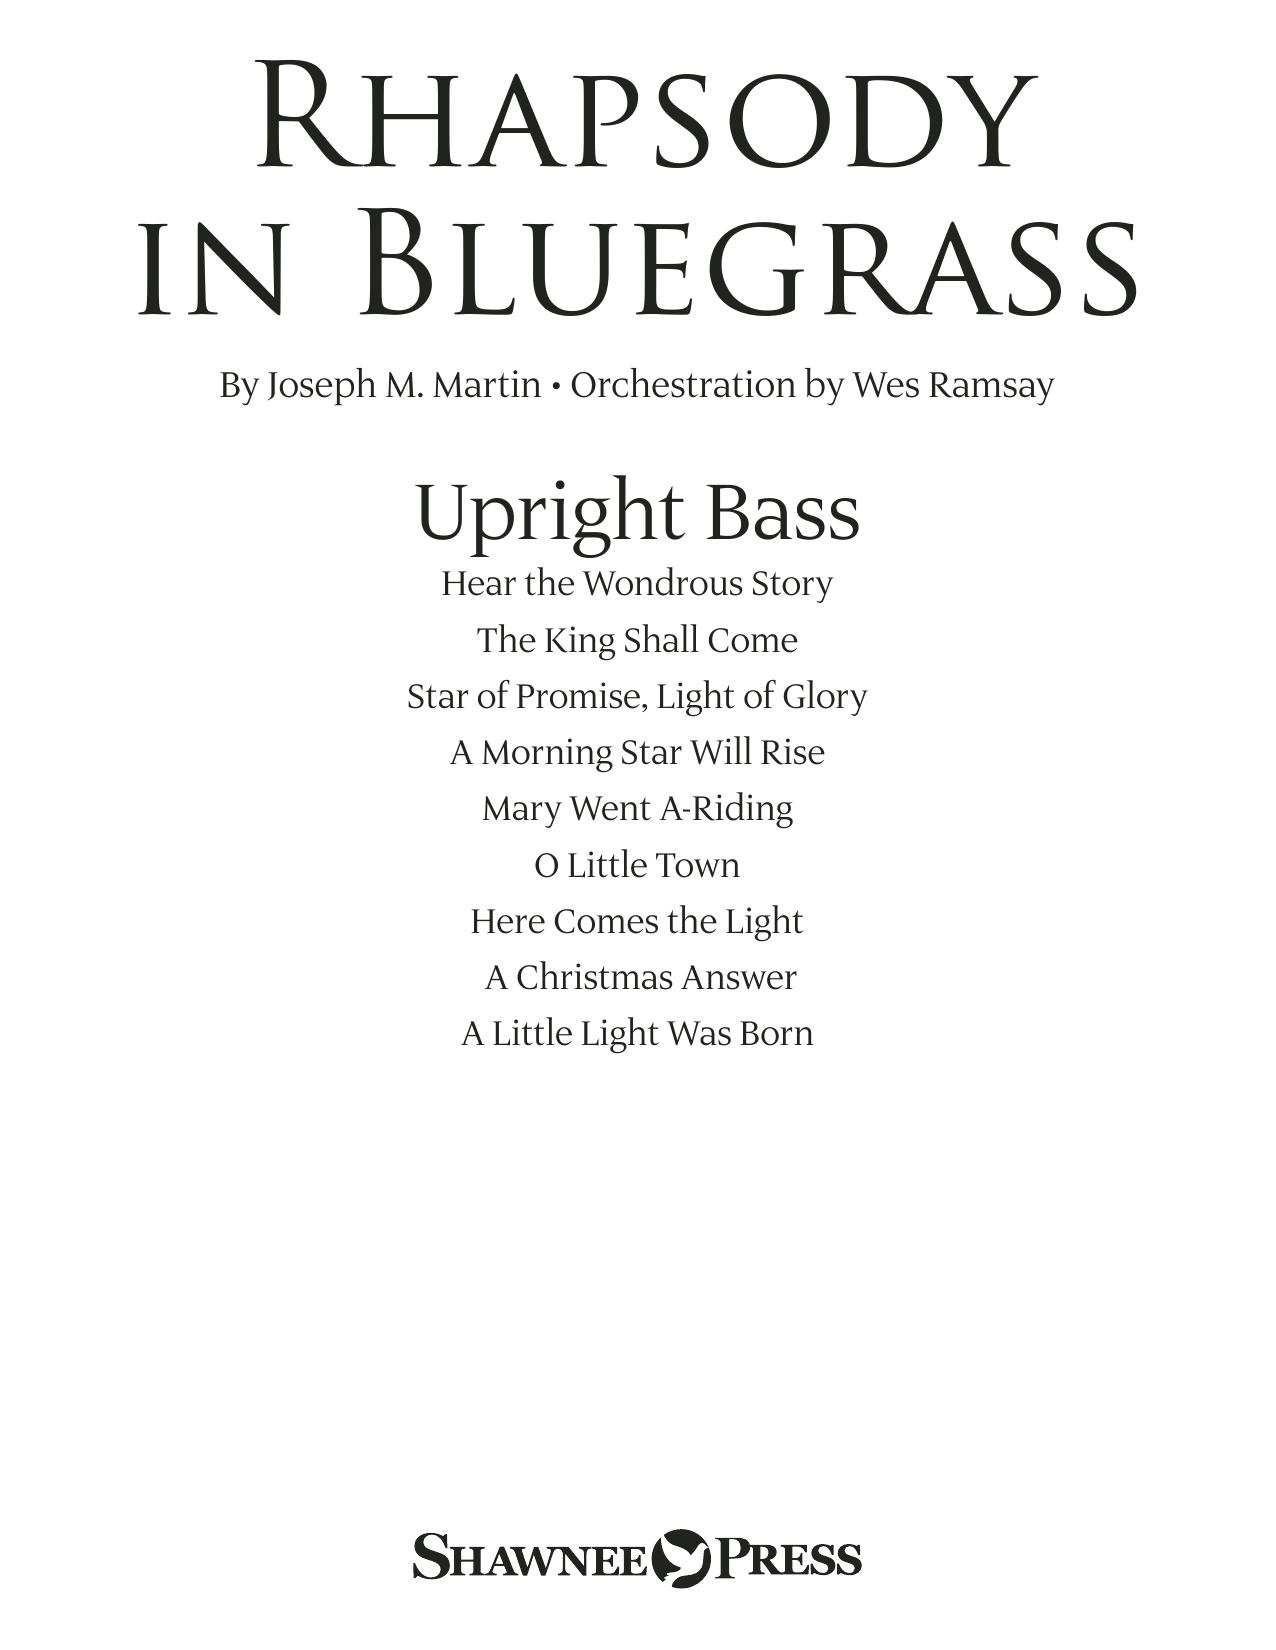 Rhapsody in Bluegrass - Upright Bass (Choir Instrumental Pak)